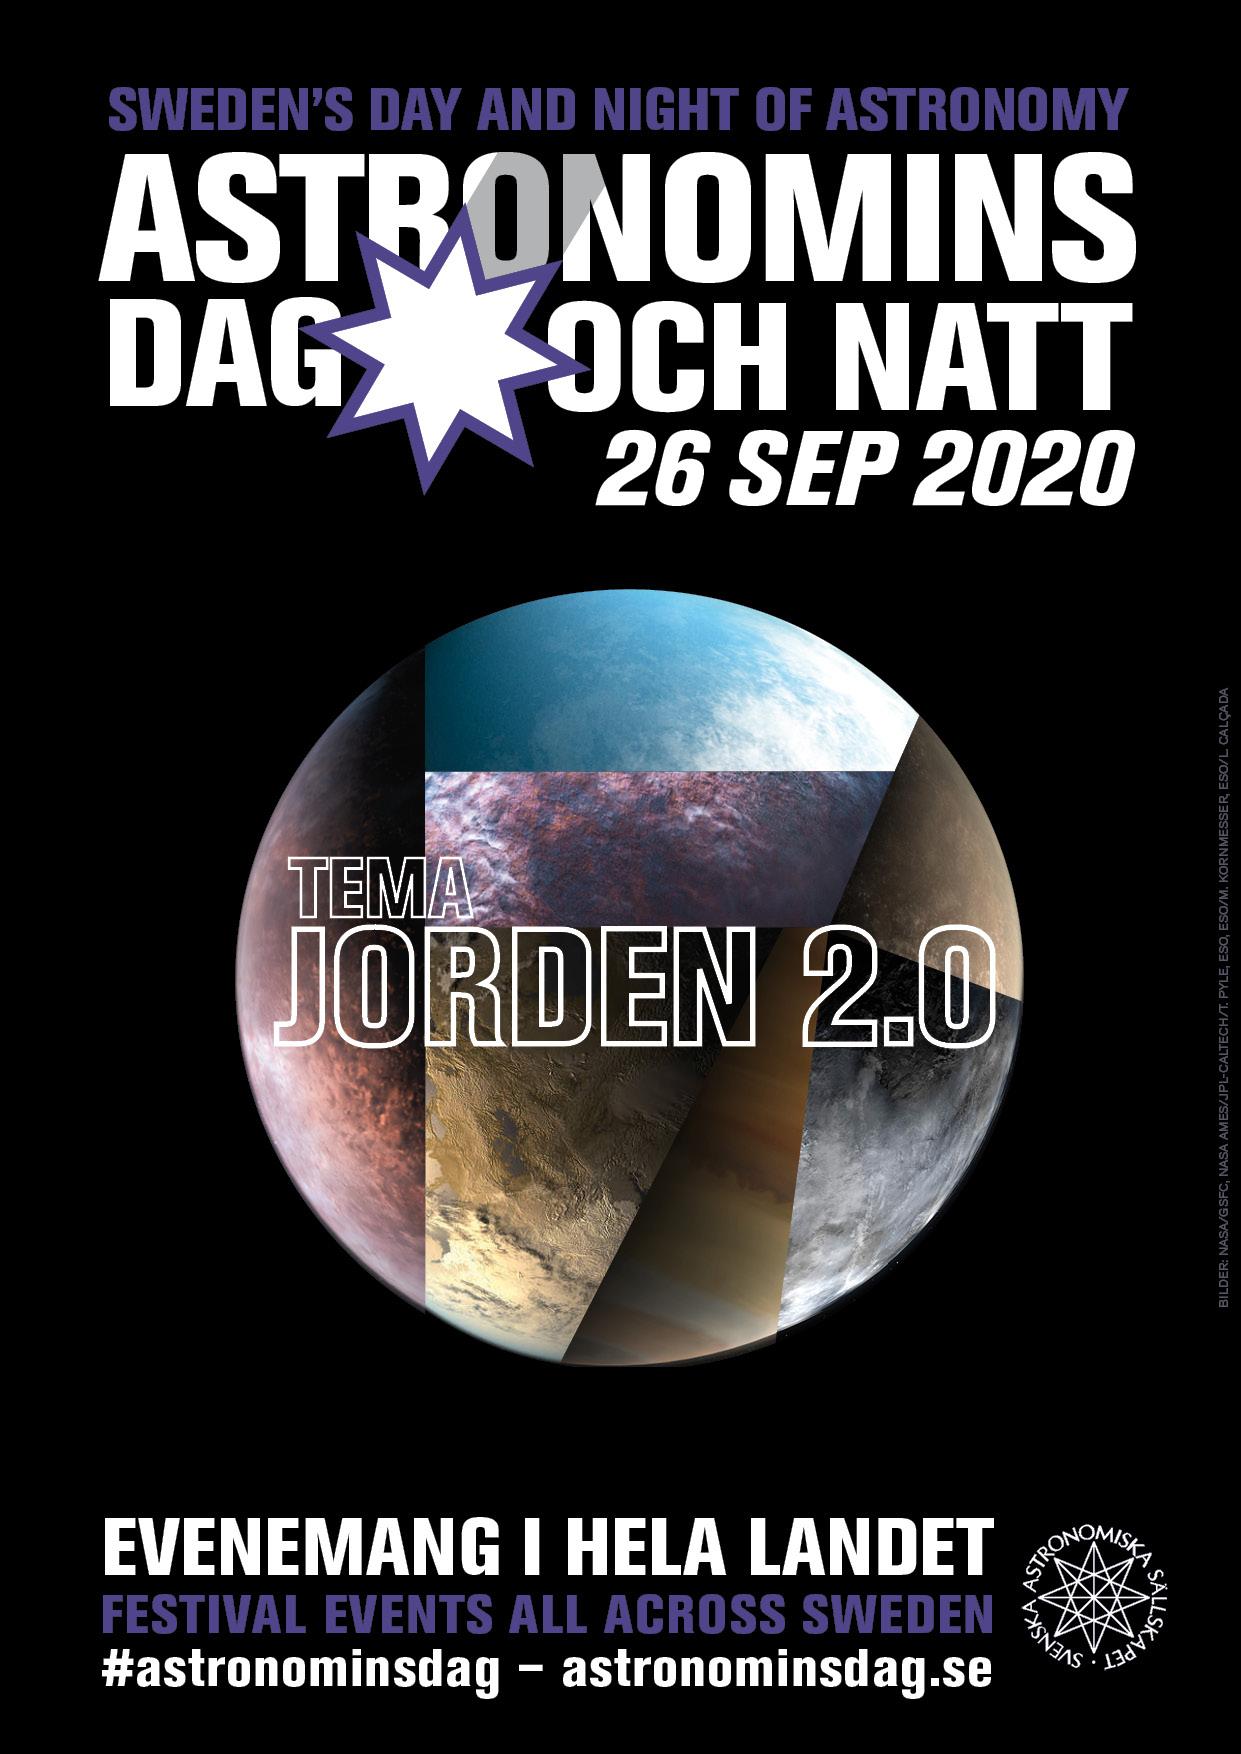 Astronomins dag och natt 2020, tema Jorden 2.0